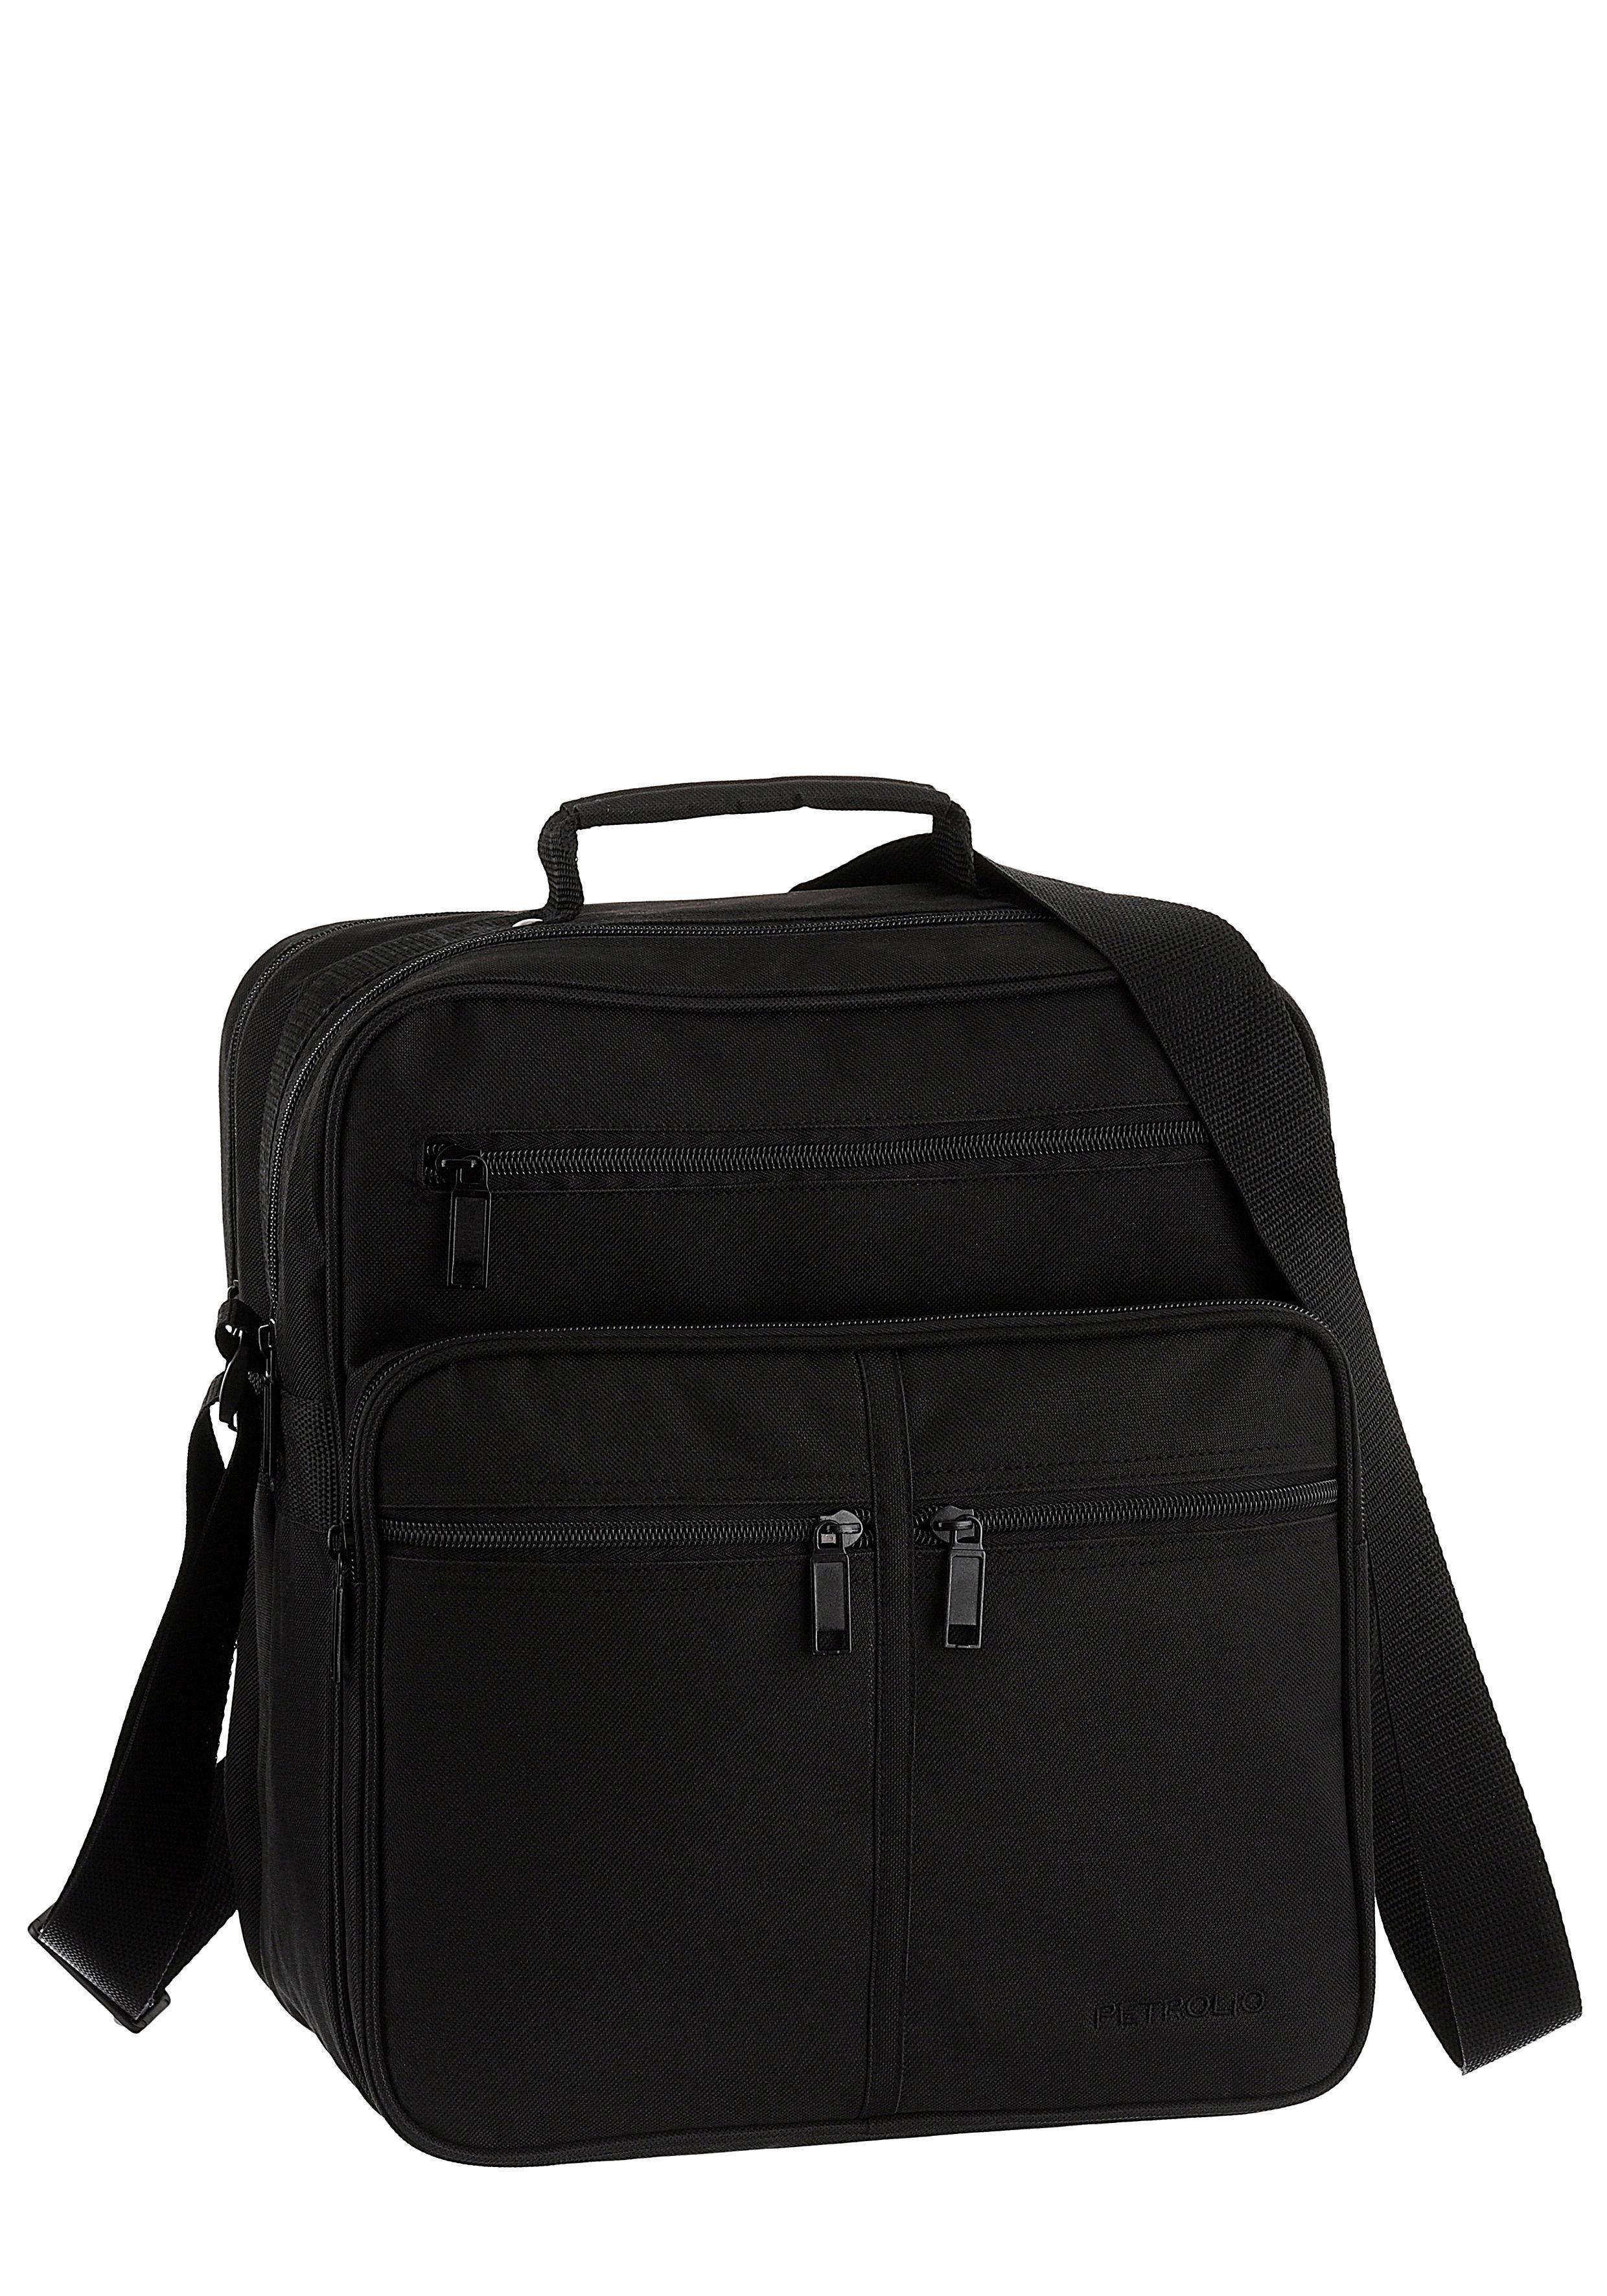 PETROLIO Messenger Bag, im praktischen Format